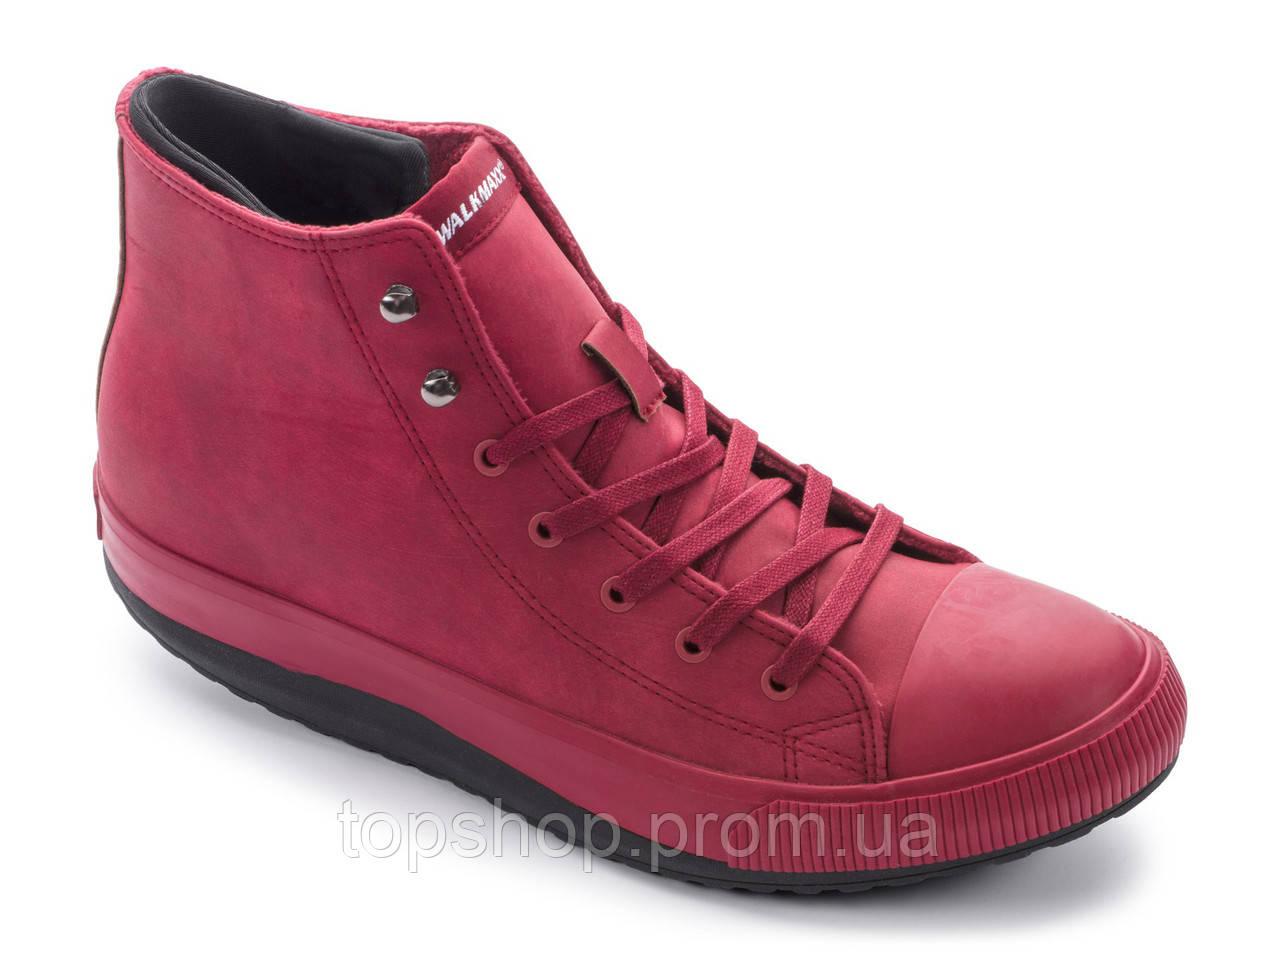 a185f88b5 Кеды высокие Walkmaxx Comfort 3.0 46 Длина стопы 29,5 см Красный - TopShop -